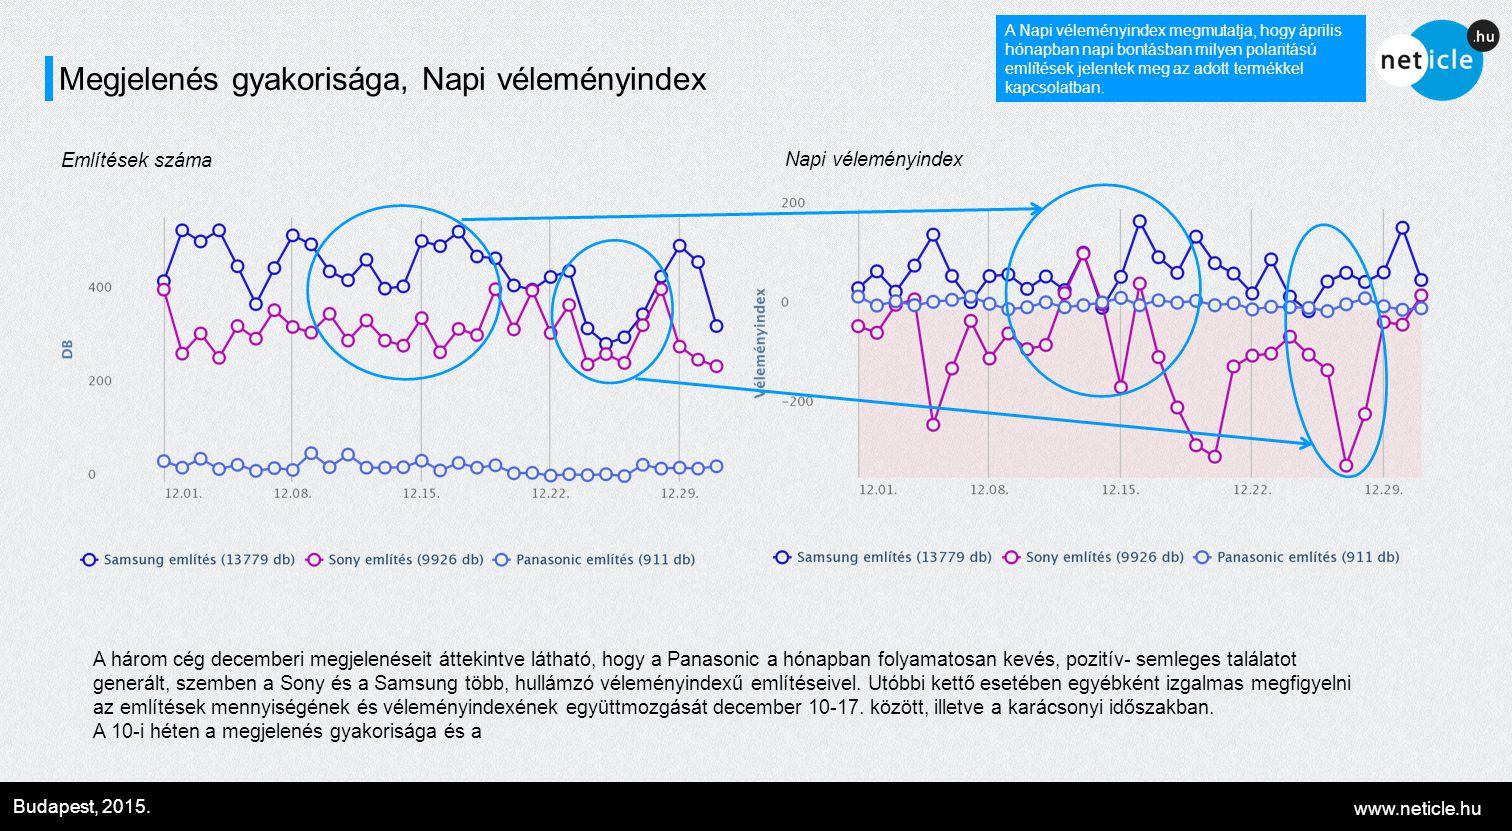 www.neticle.hu Budapest, 2015. Megjelenés gyakorisága, Napi véleményindex A Napi véleményindex megmutatja, hogy április hónapban napi bontásban milyen